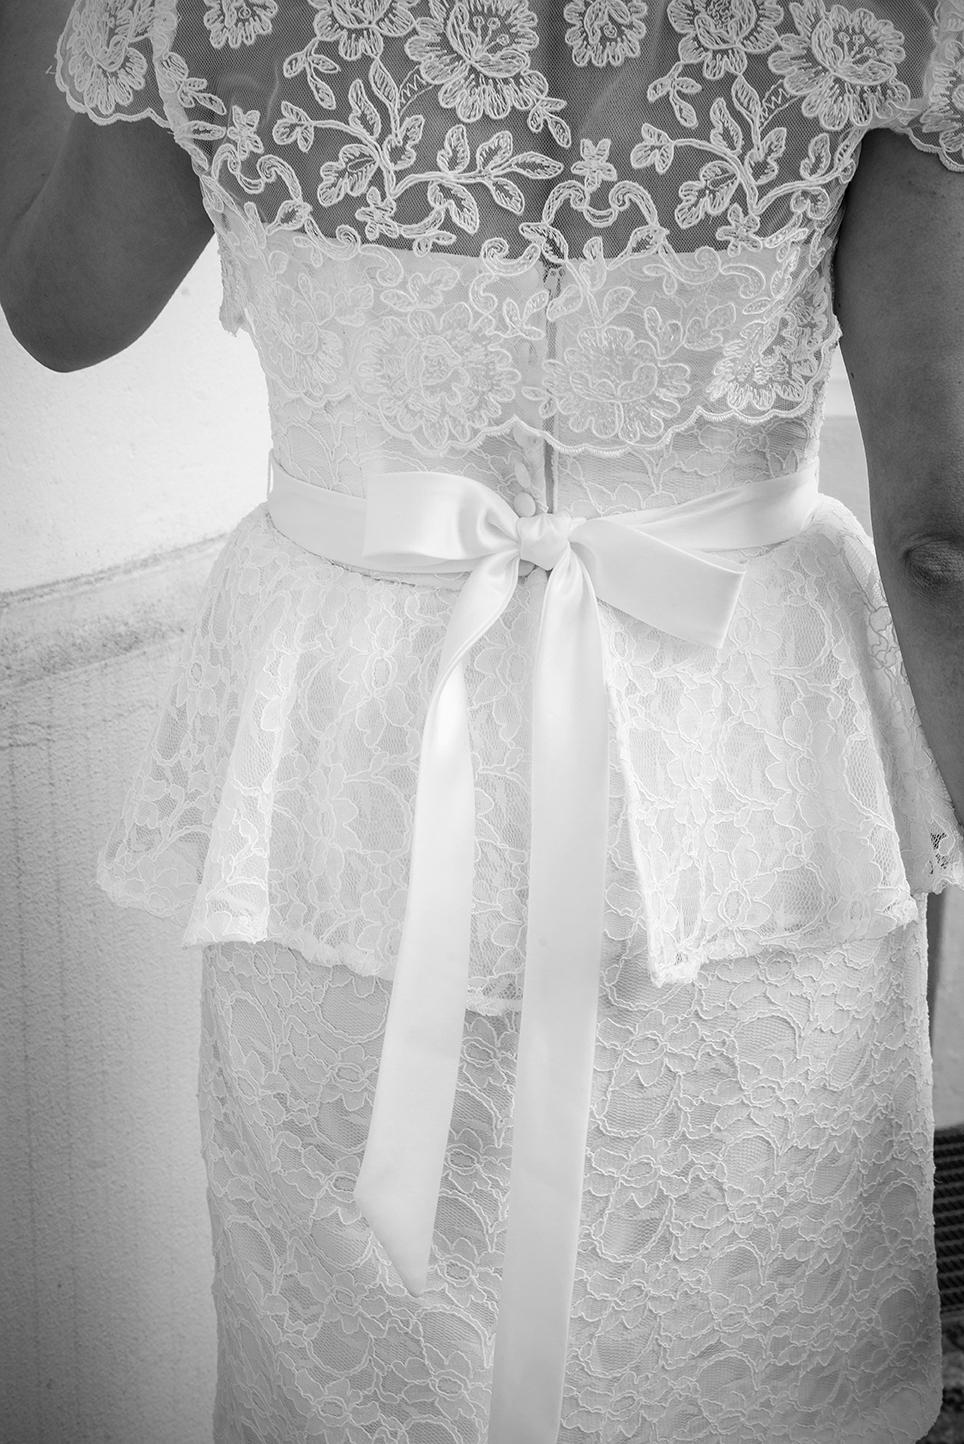 weddingpictures15